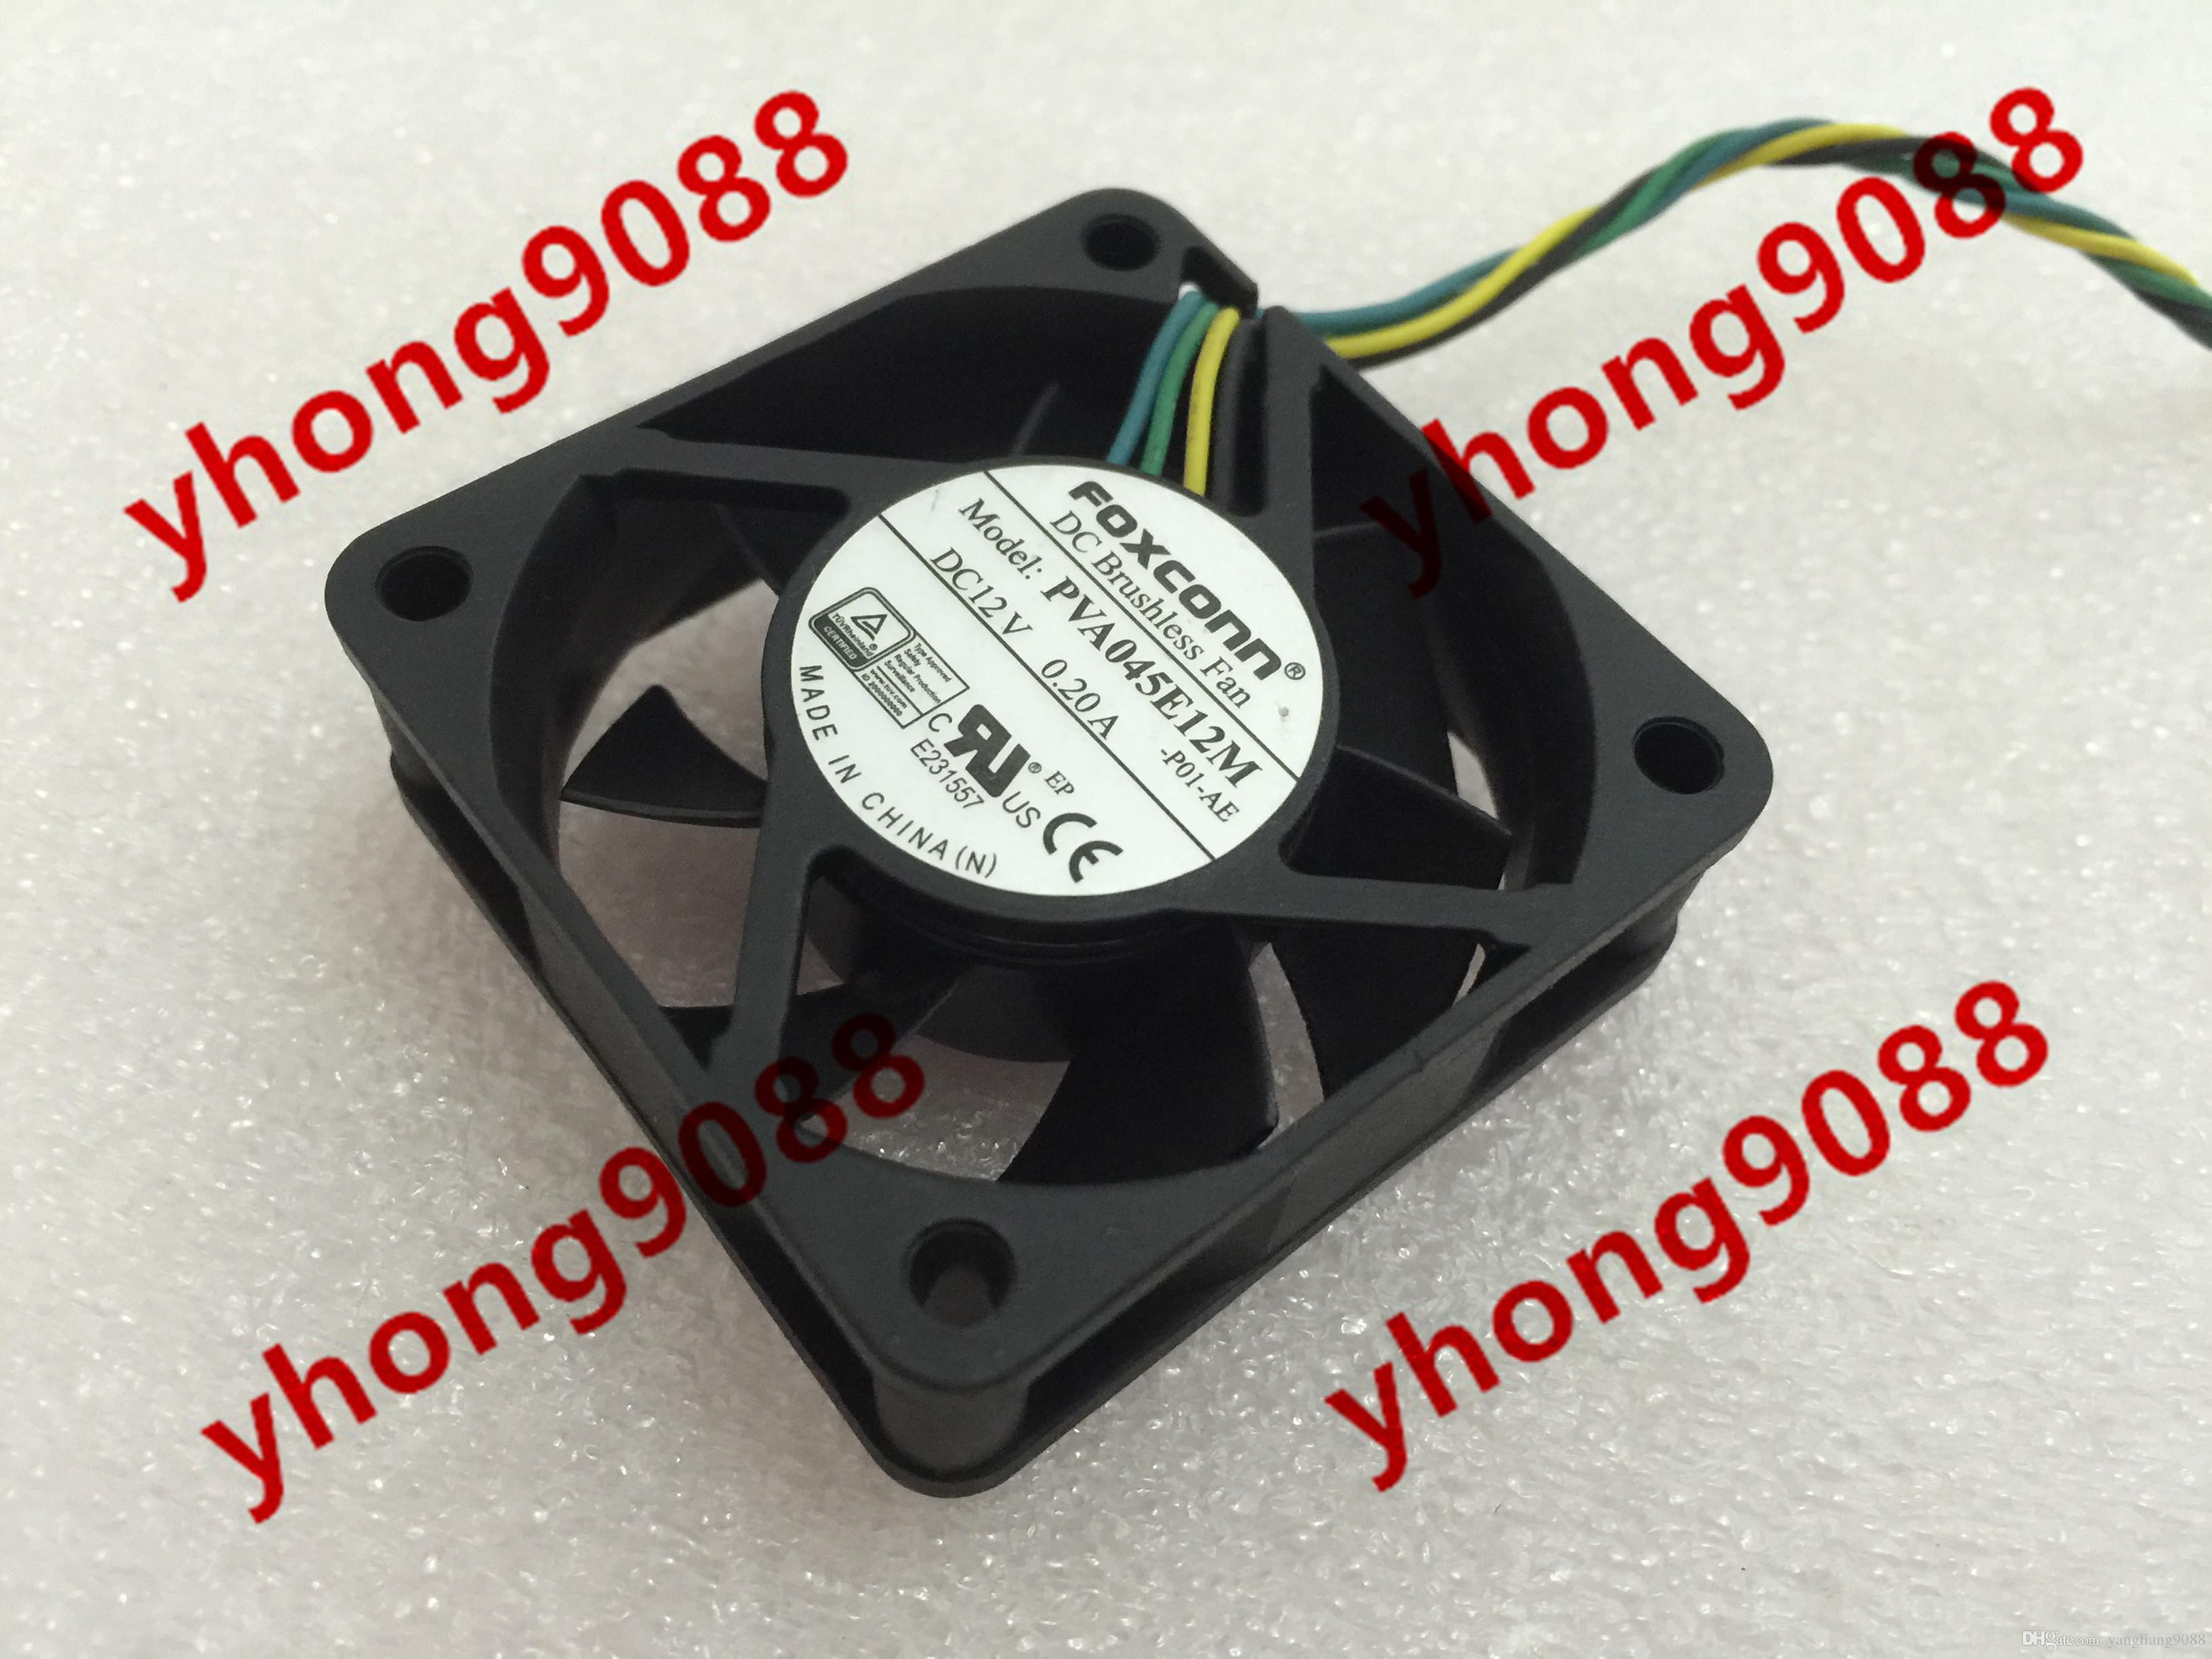 2017 for foxconn pva045e12m p01 ae dc 12v 0 20a 4 wire 4 pin shipping for foxconn pva045e12m p01 ae dc 12v 0 20a 4